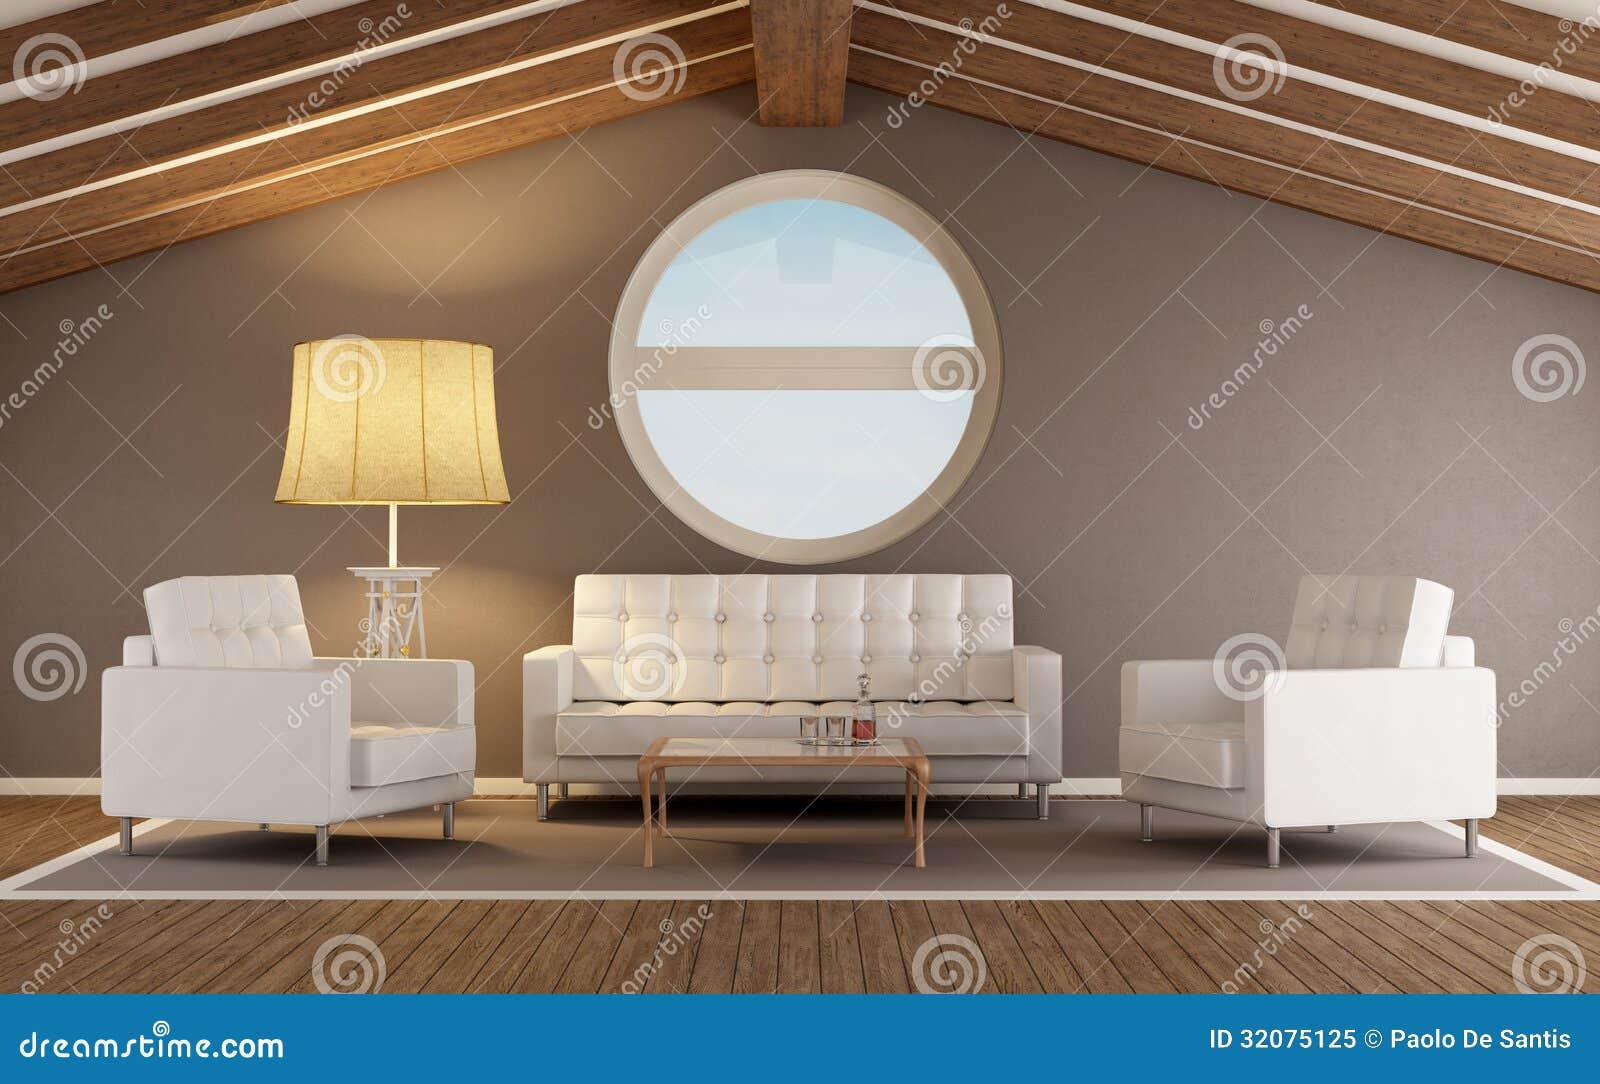 Modernes Wohnzimmer In Einem Dachboden Lizenzfreies